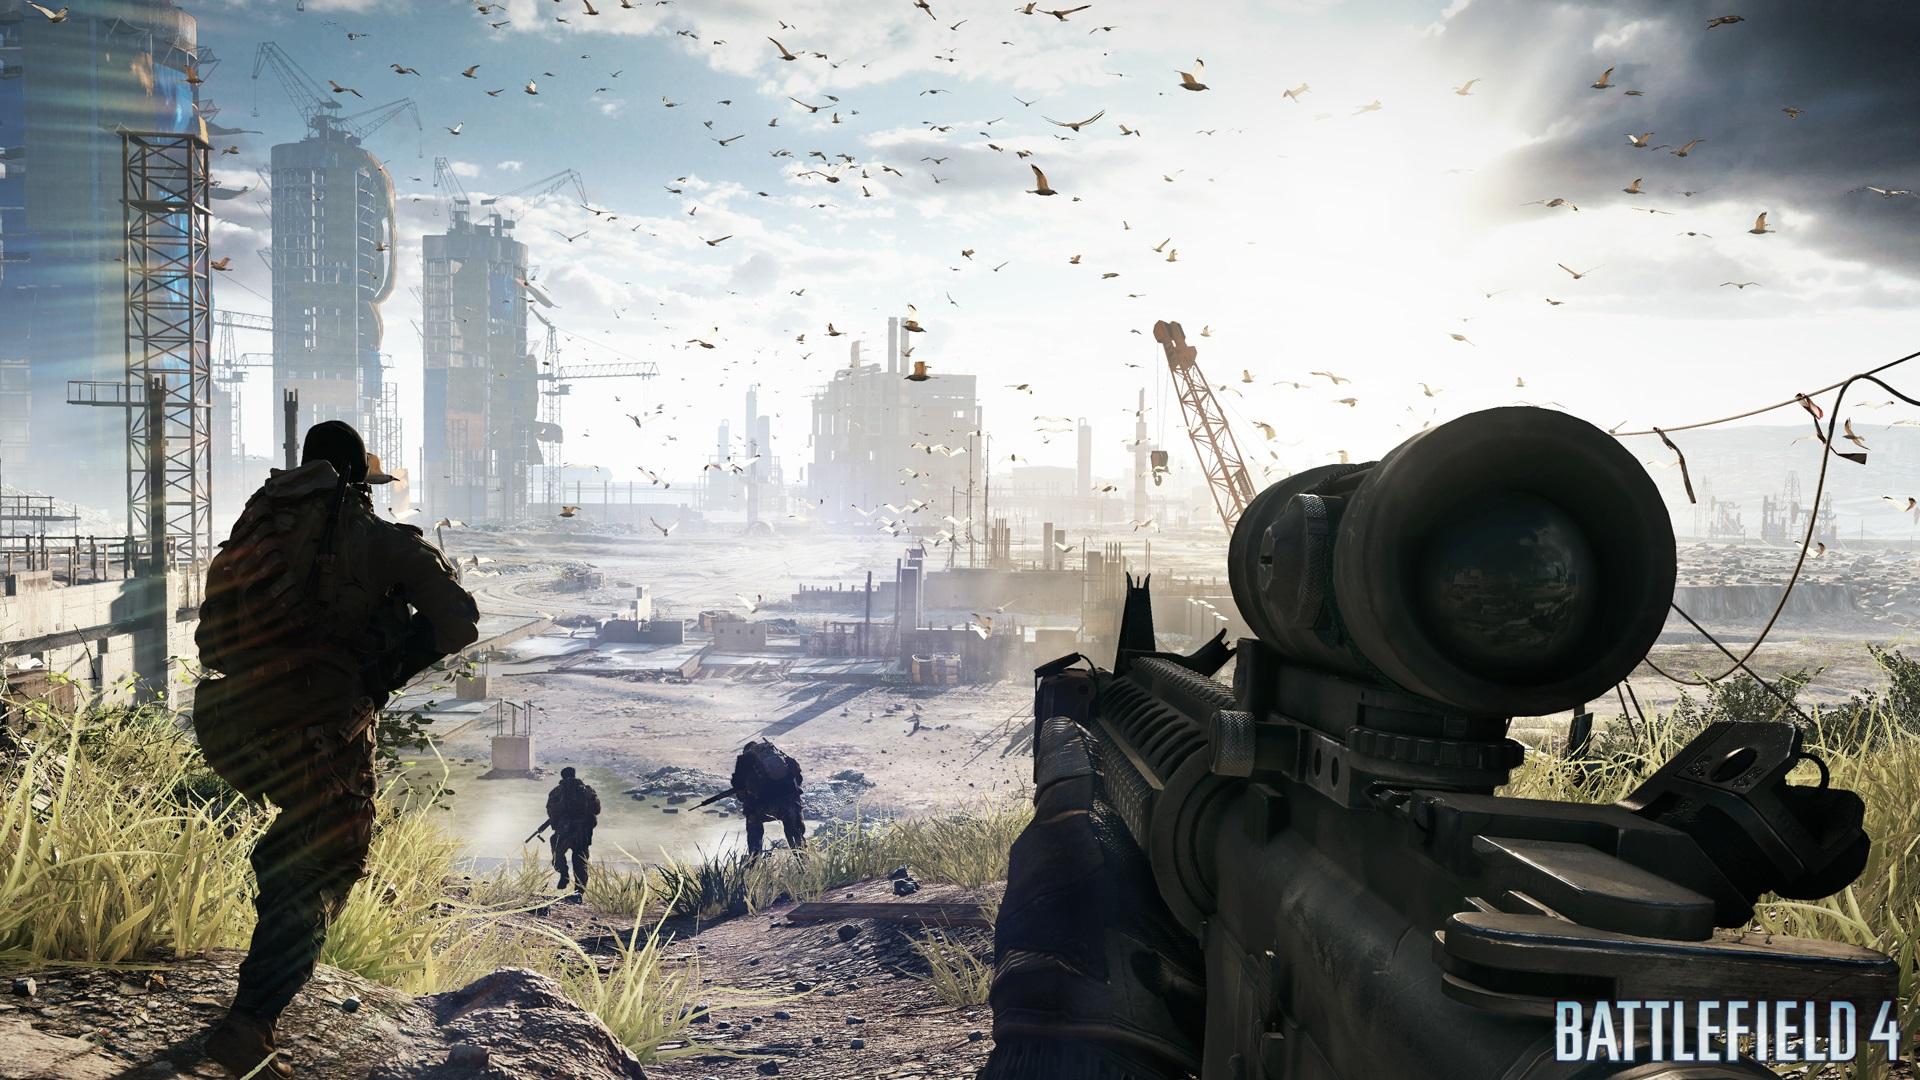 http://www.justpushstart.com/wp-content/uploads/2013/04/Battlefield-4-Single-Player1.jpg